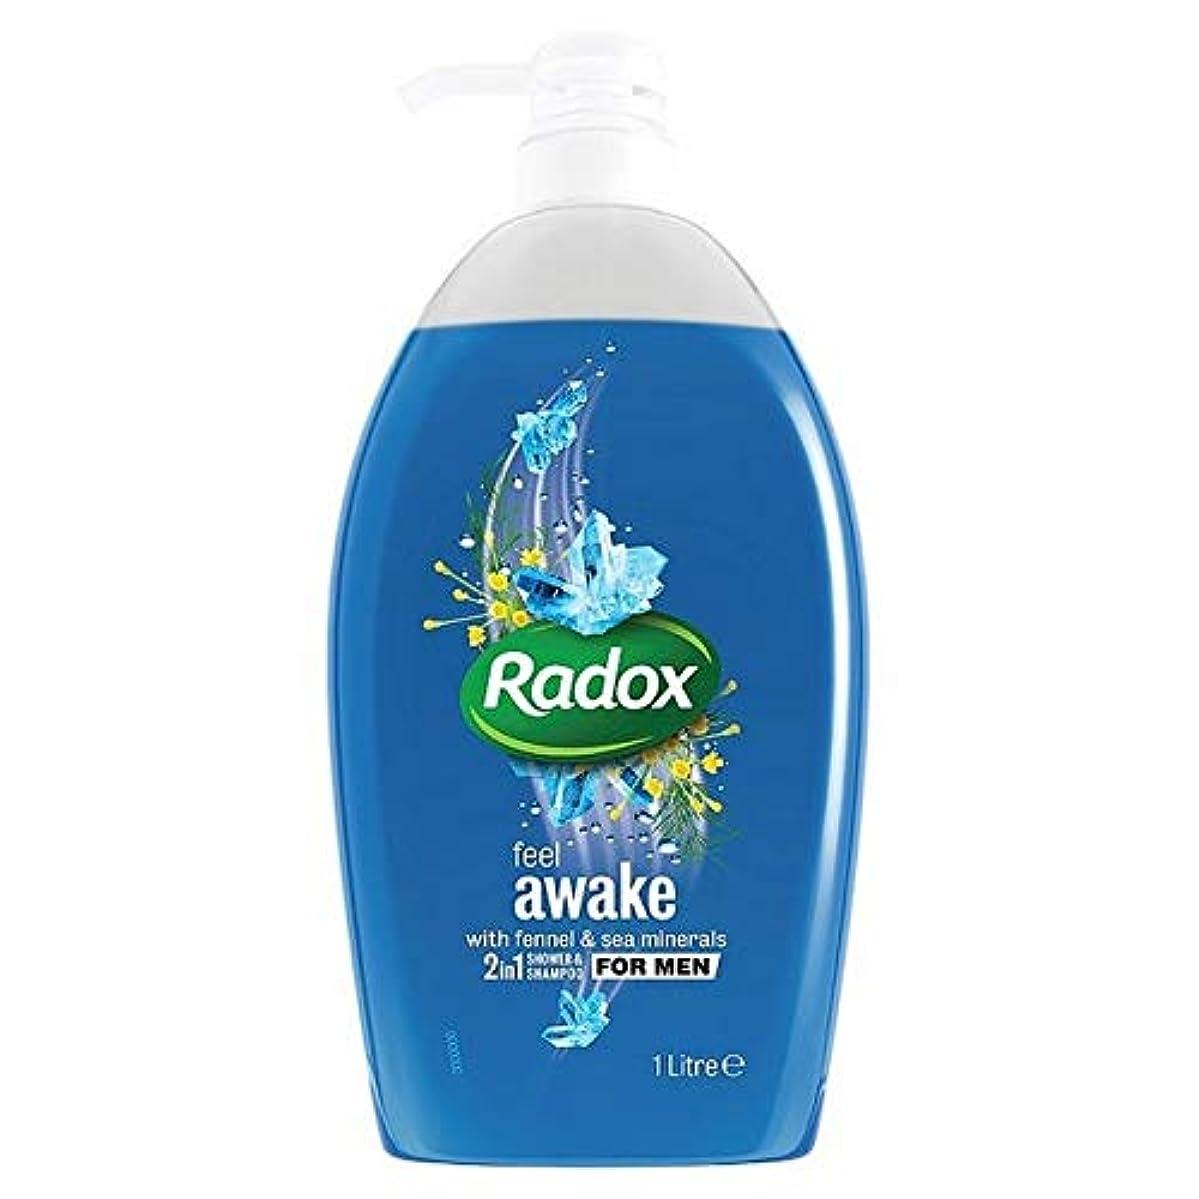 秘密の開いたチャップ[Radox] Radoxは男性の2In1シャワーゲル1リットル用起き感じます - Radox Feel Awake for Men 2in1 Shower Gel 1L [並行輸入品]